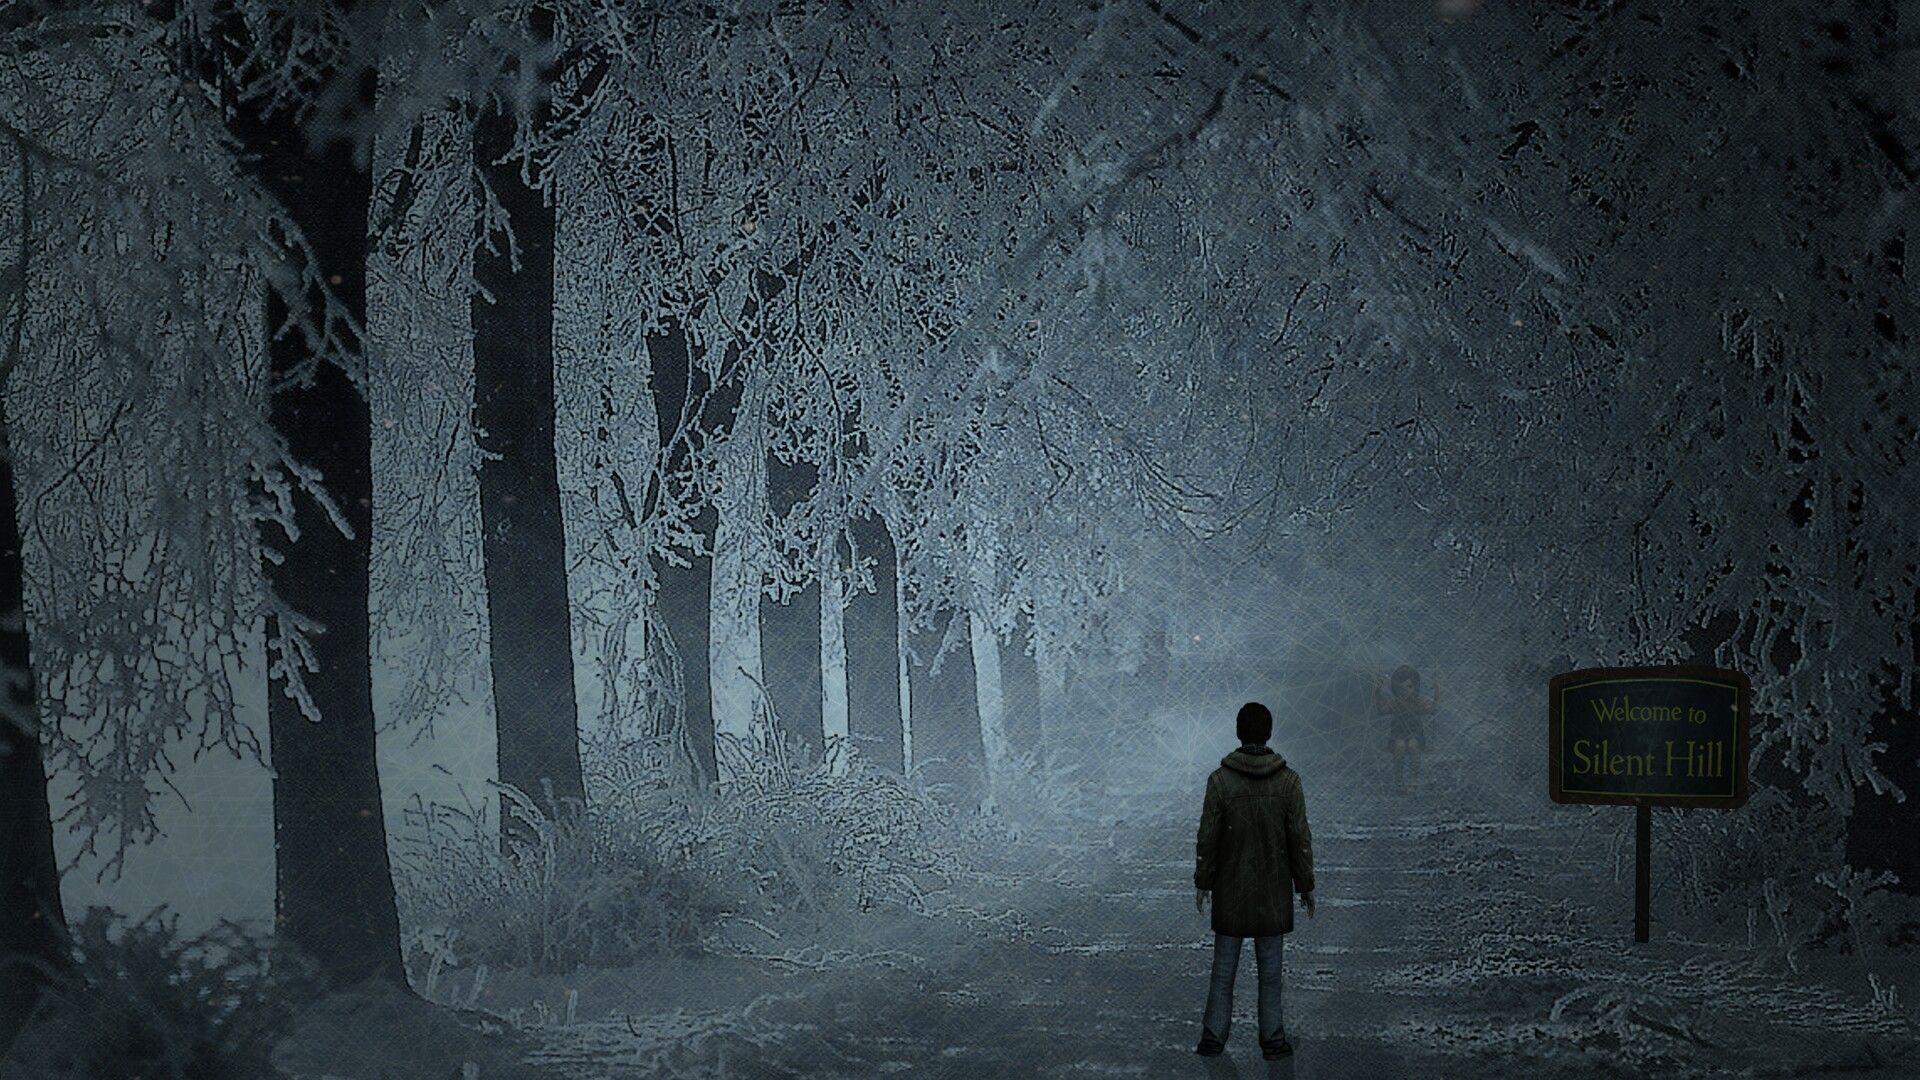 Silent Hill: Shattered Memories Wallpaper   Névoa ...